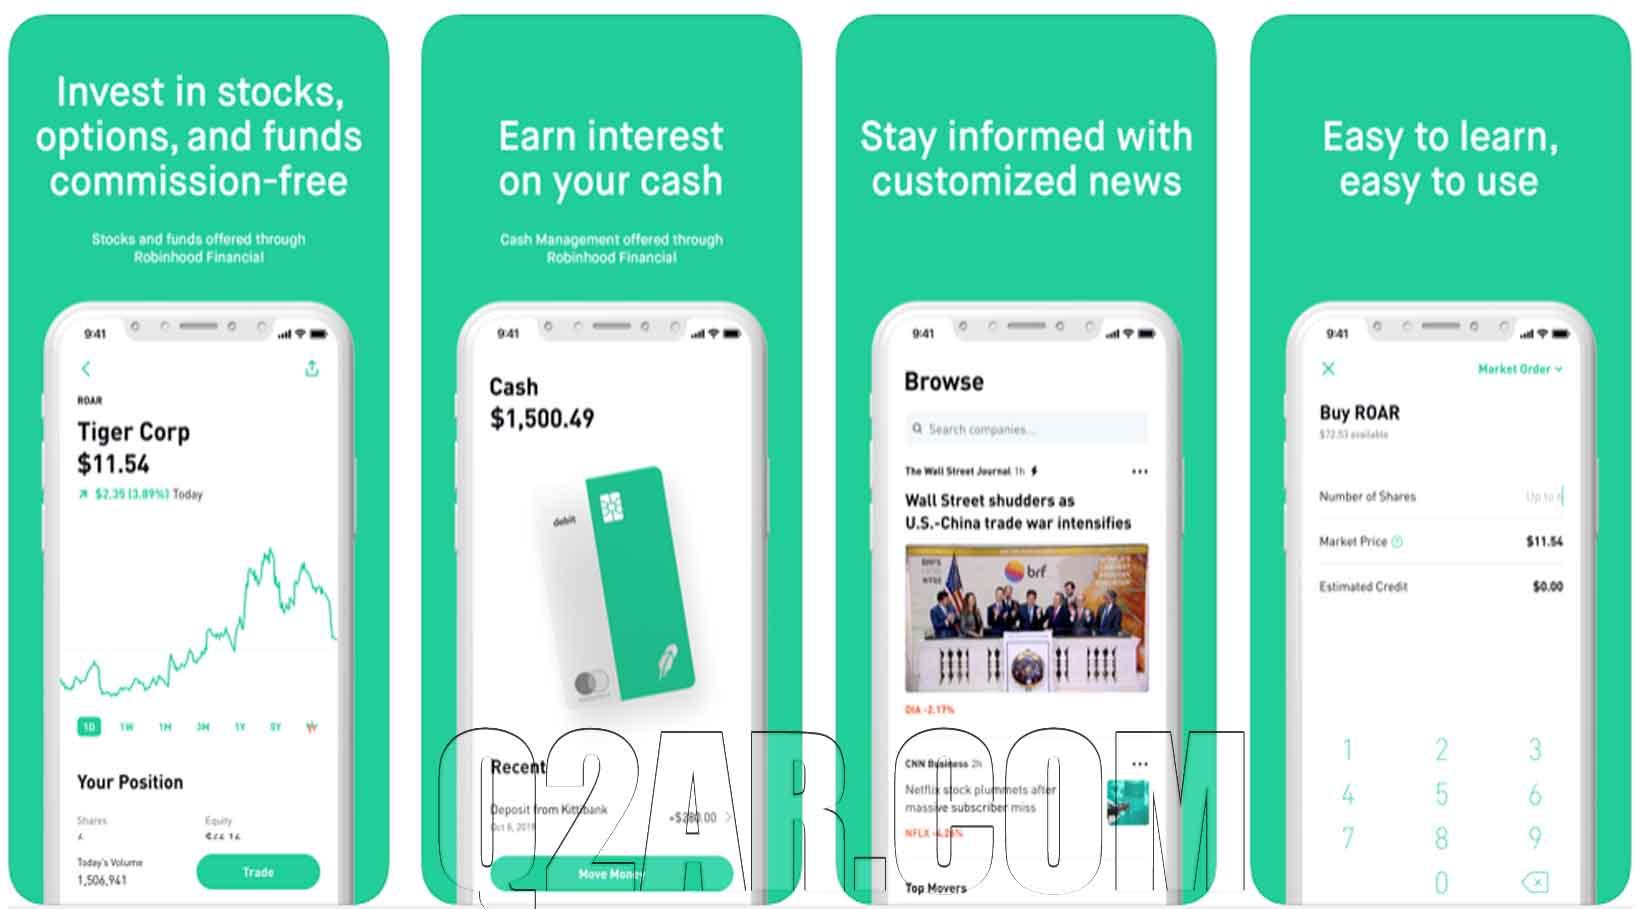 أفضل تطبيقات التداول على أجهزة الايفون Best Iphone Trading Apps تعلم معي